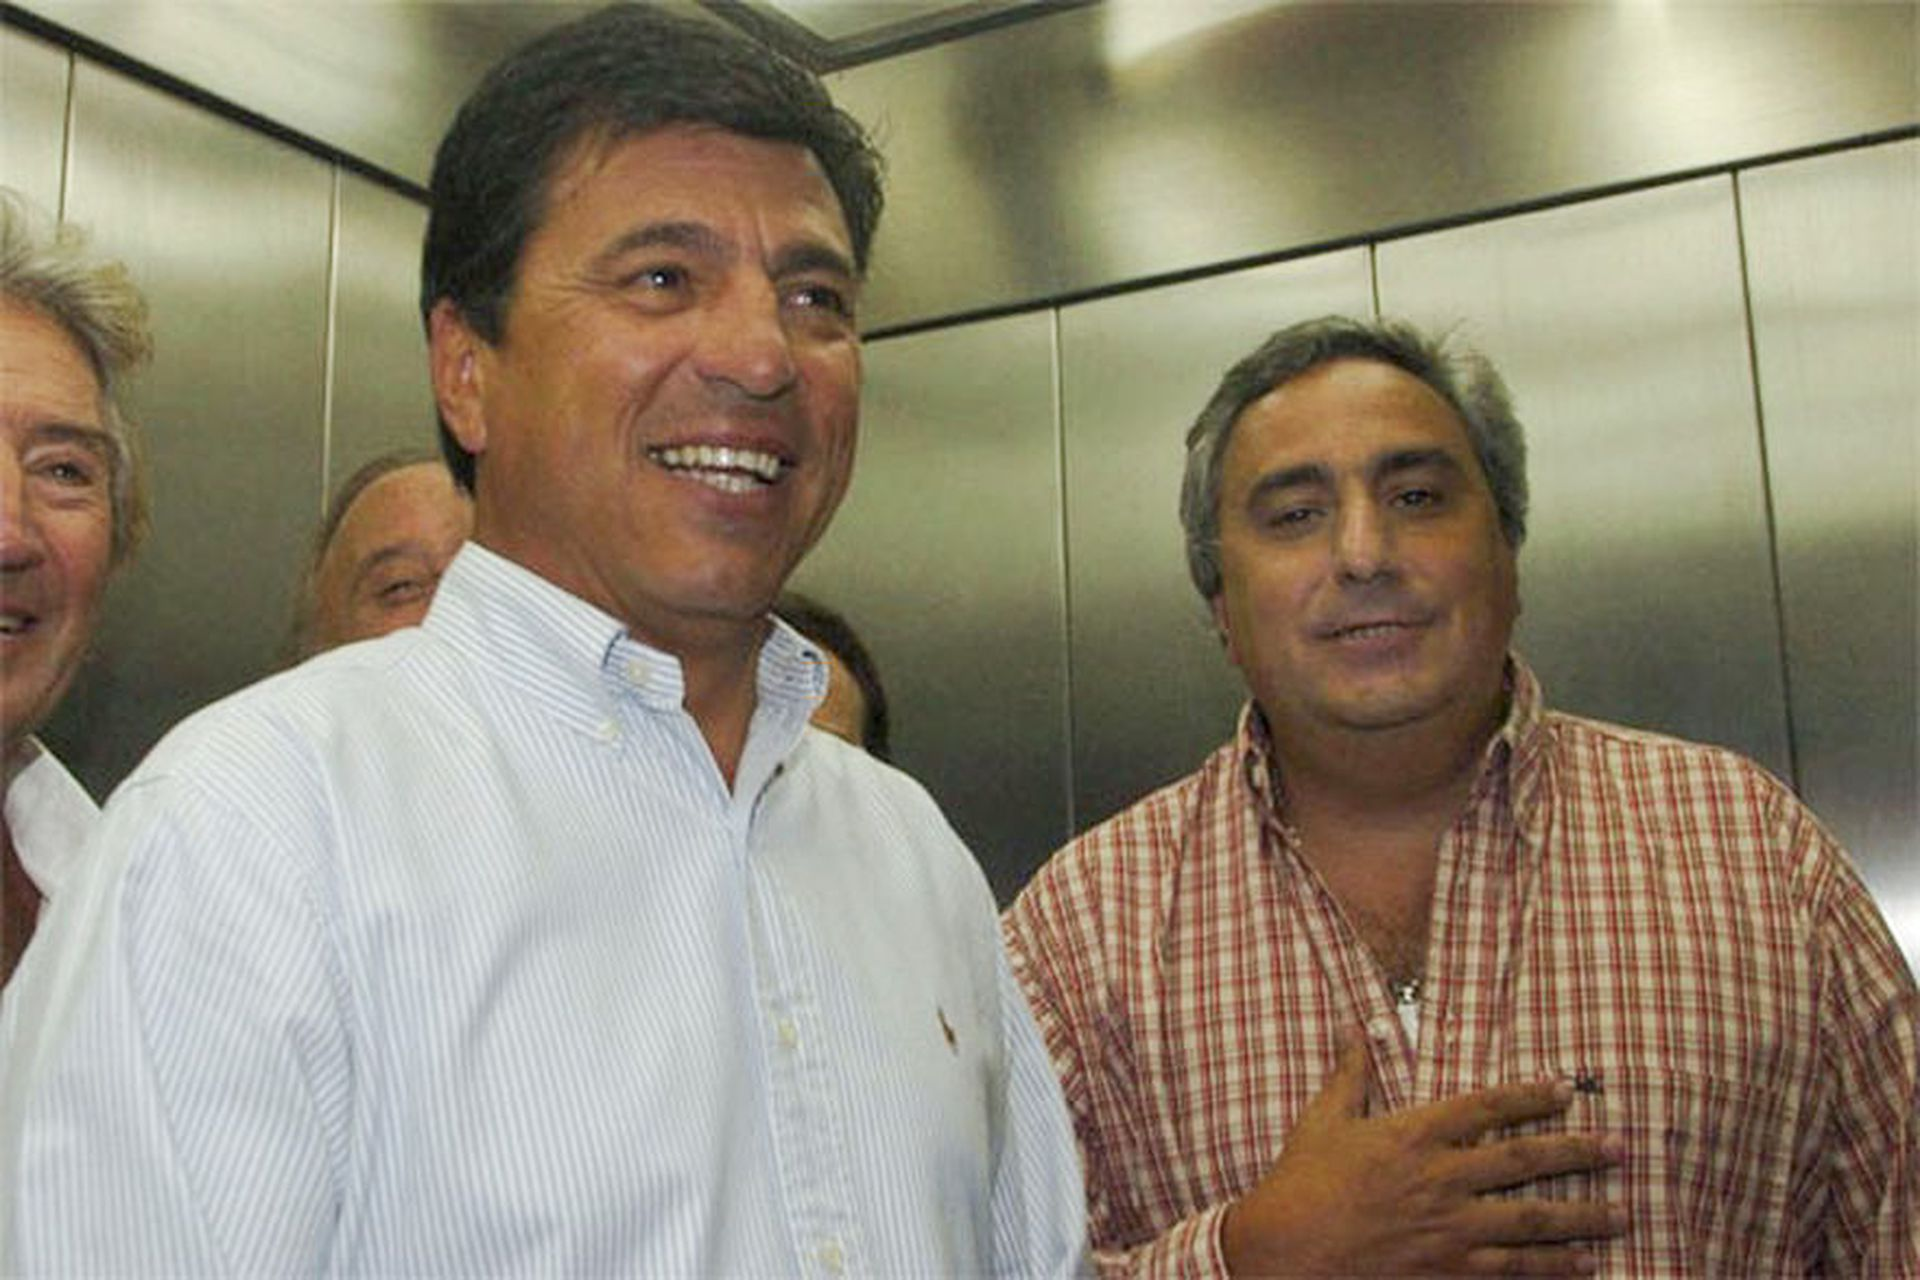 Passarella y Aguilar fueron los dos últimos presidentes de River antes del descenso